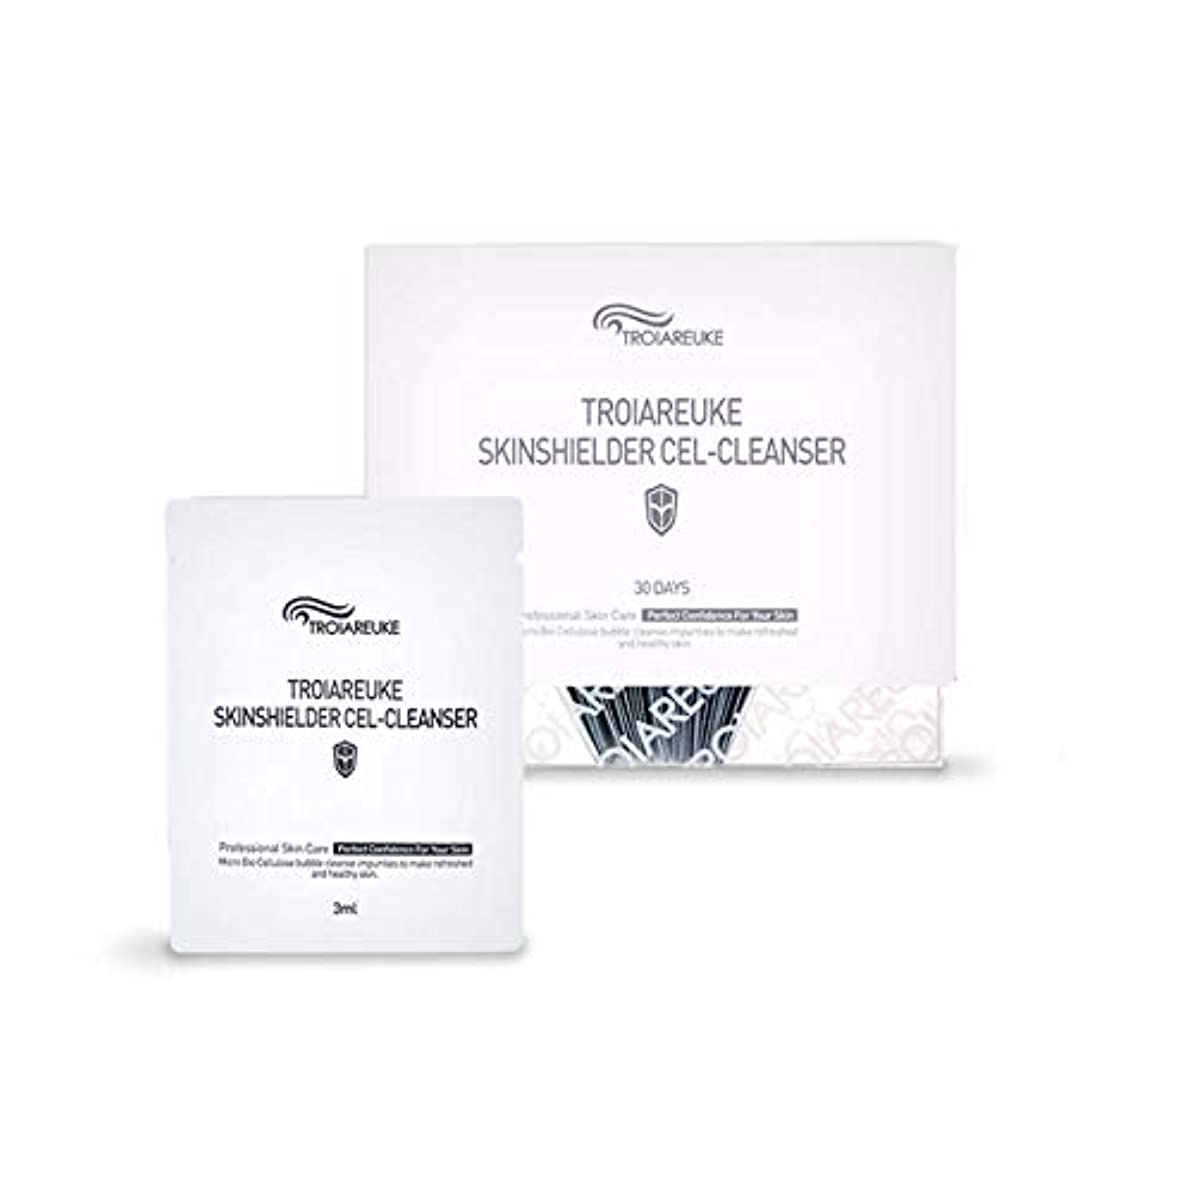 瞳分析免疫TROIAREUKE (トロイアルケ) スキン シールダー セル クレンザー  / Skinshielder Cel Cleanser (30ea) [並行輸入品]